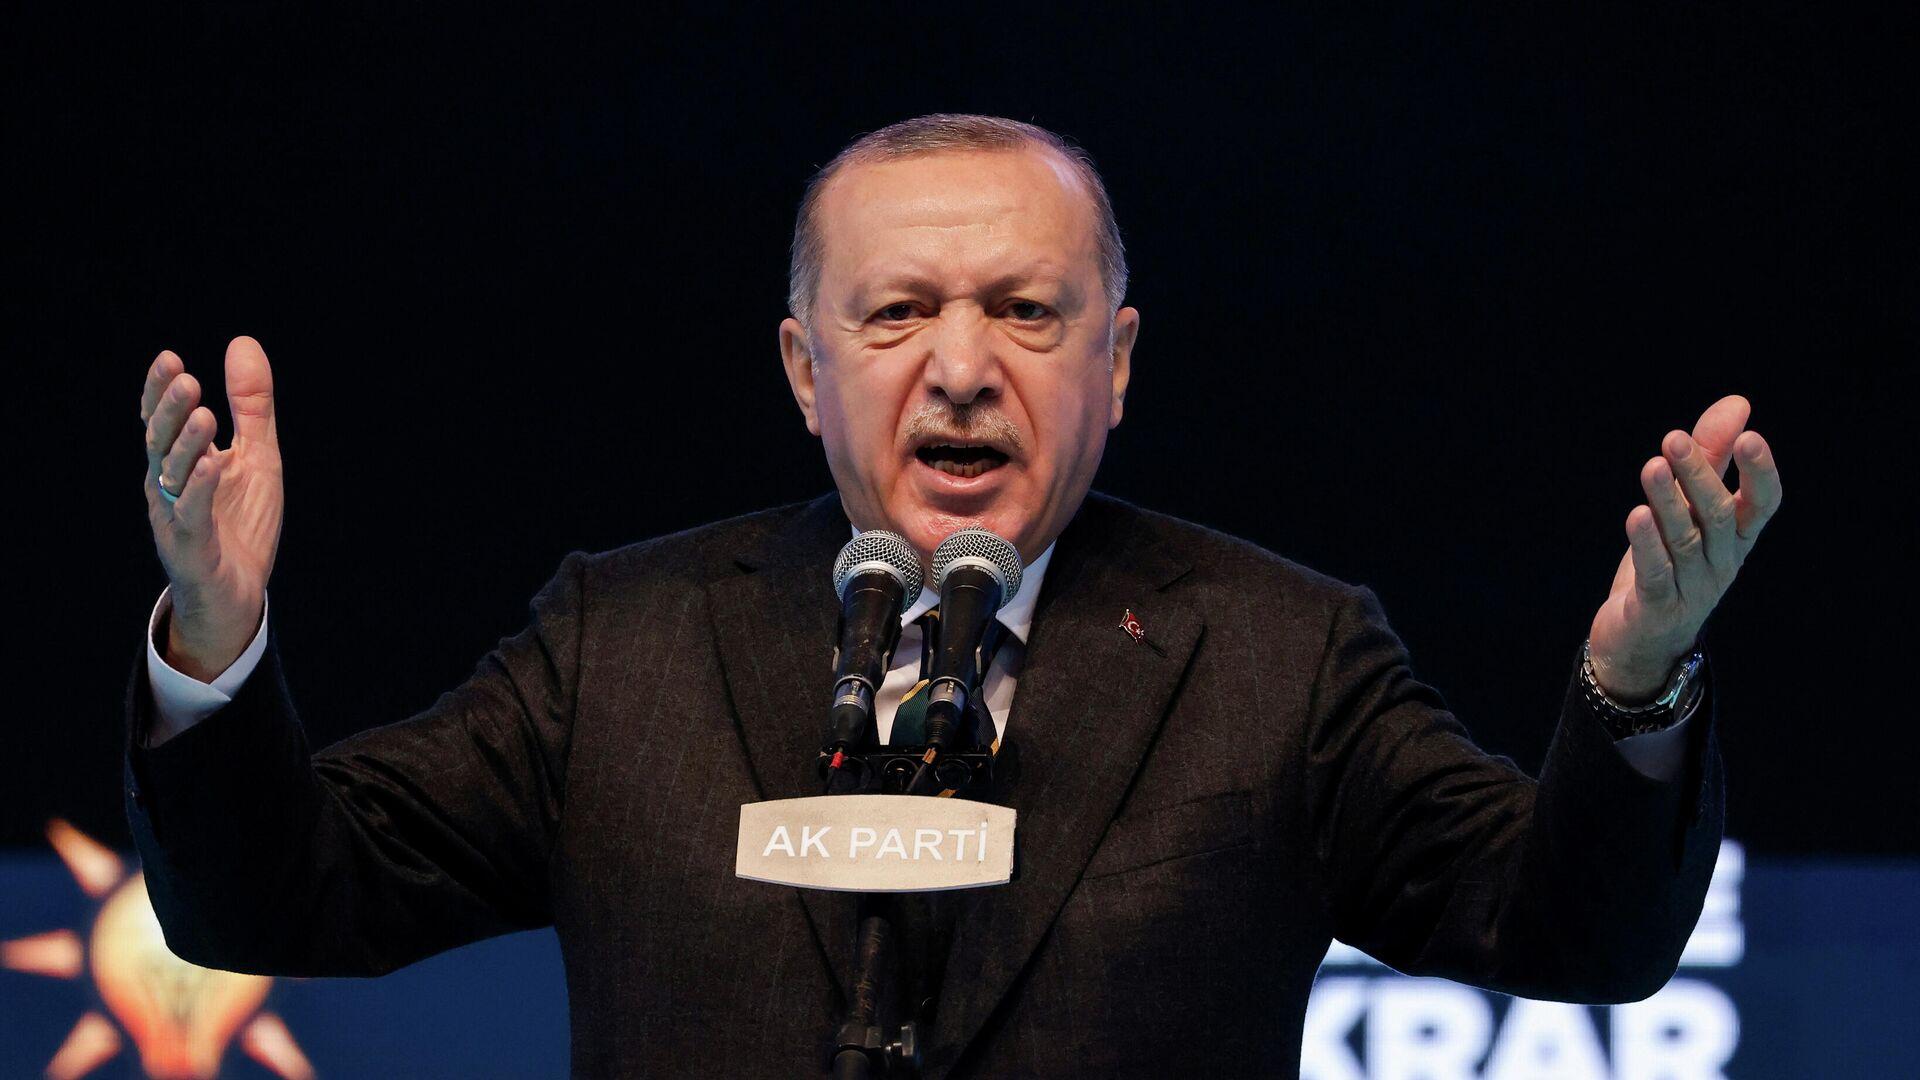 Recep Tayyip Erdogan, el presidente turco - Sputnik Mundo, 1920, 14.04.2021